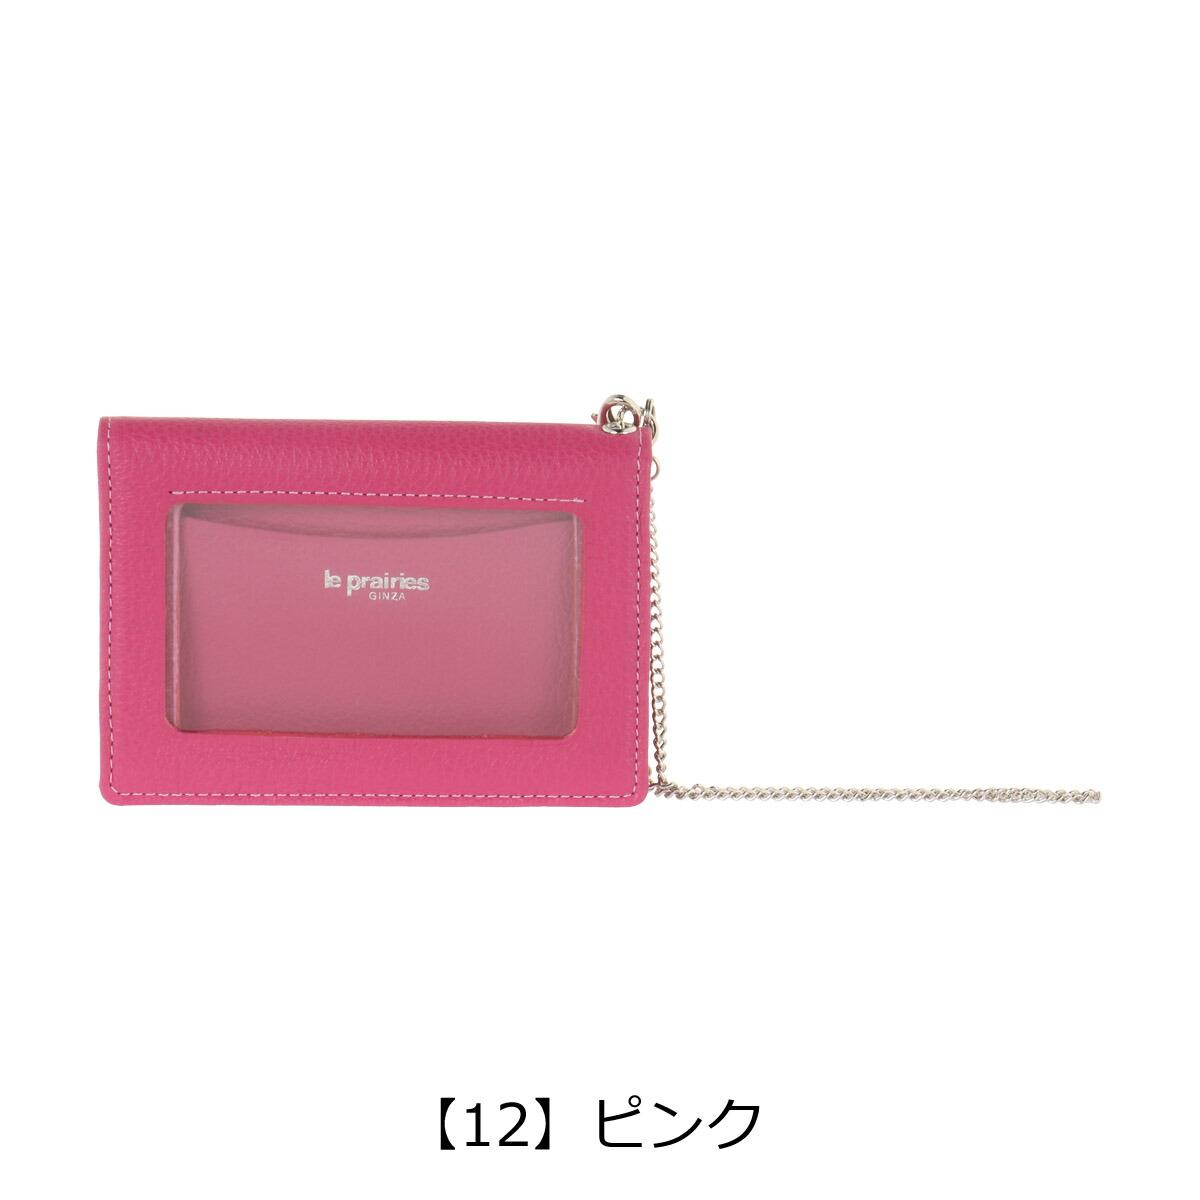 【12】ピンク